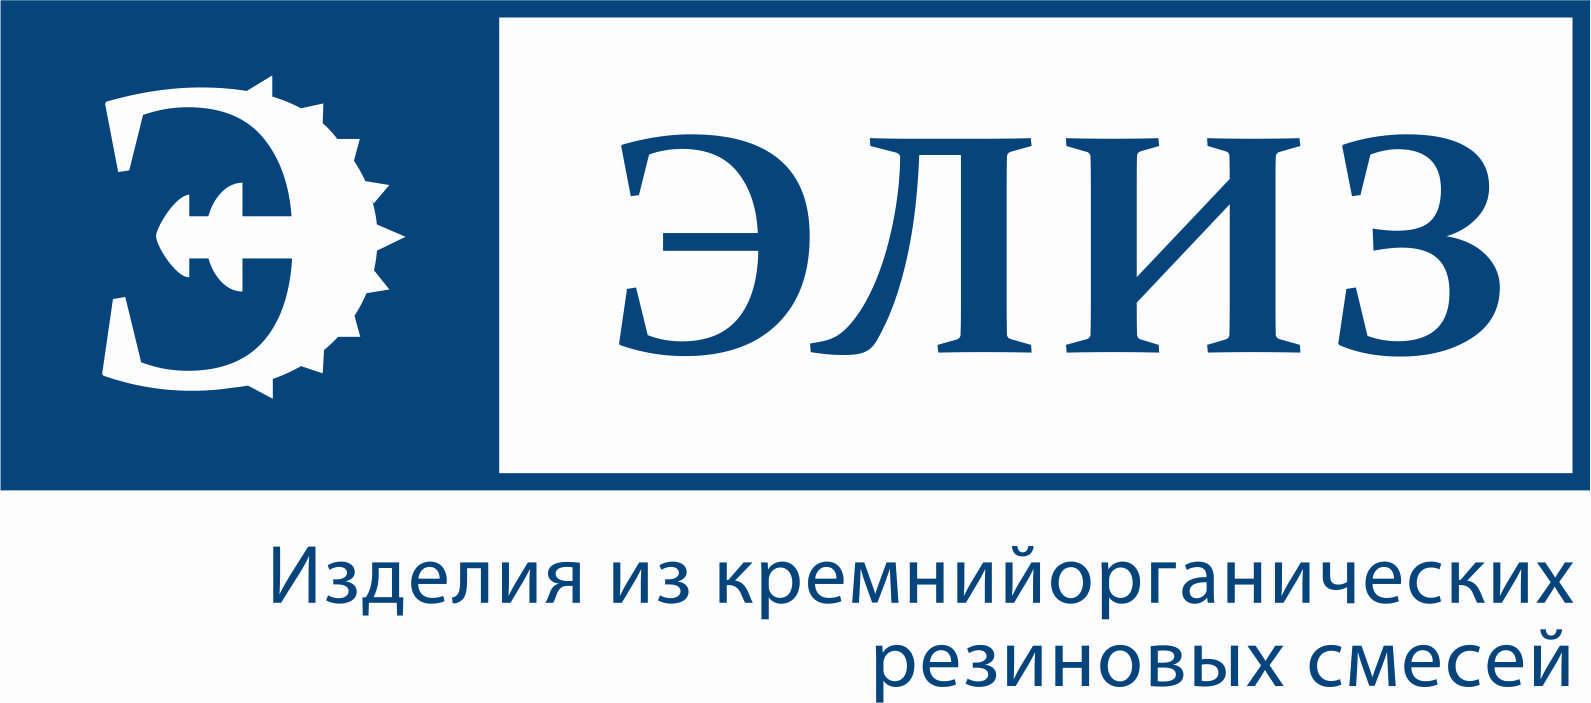 ЭЛИЗ, ООО